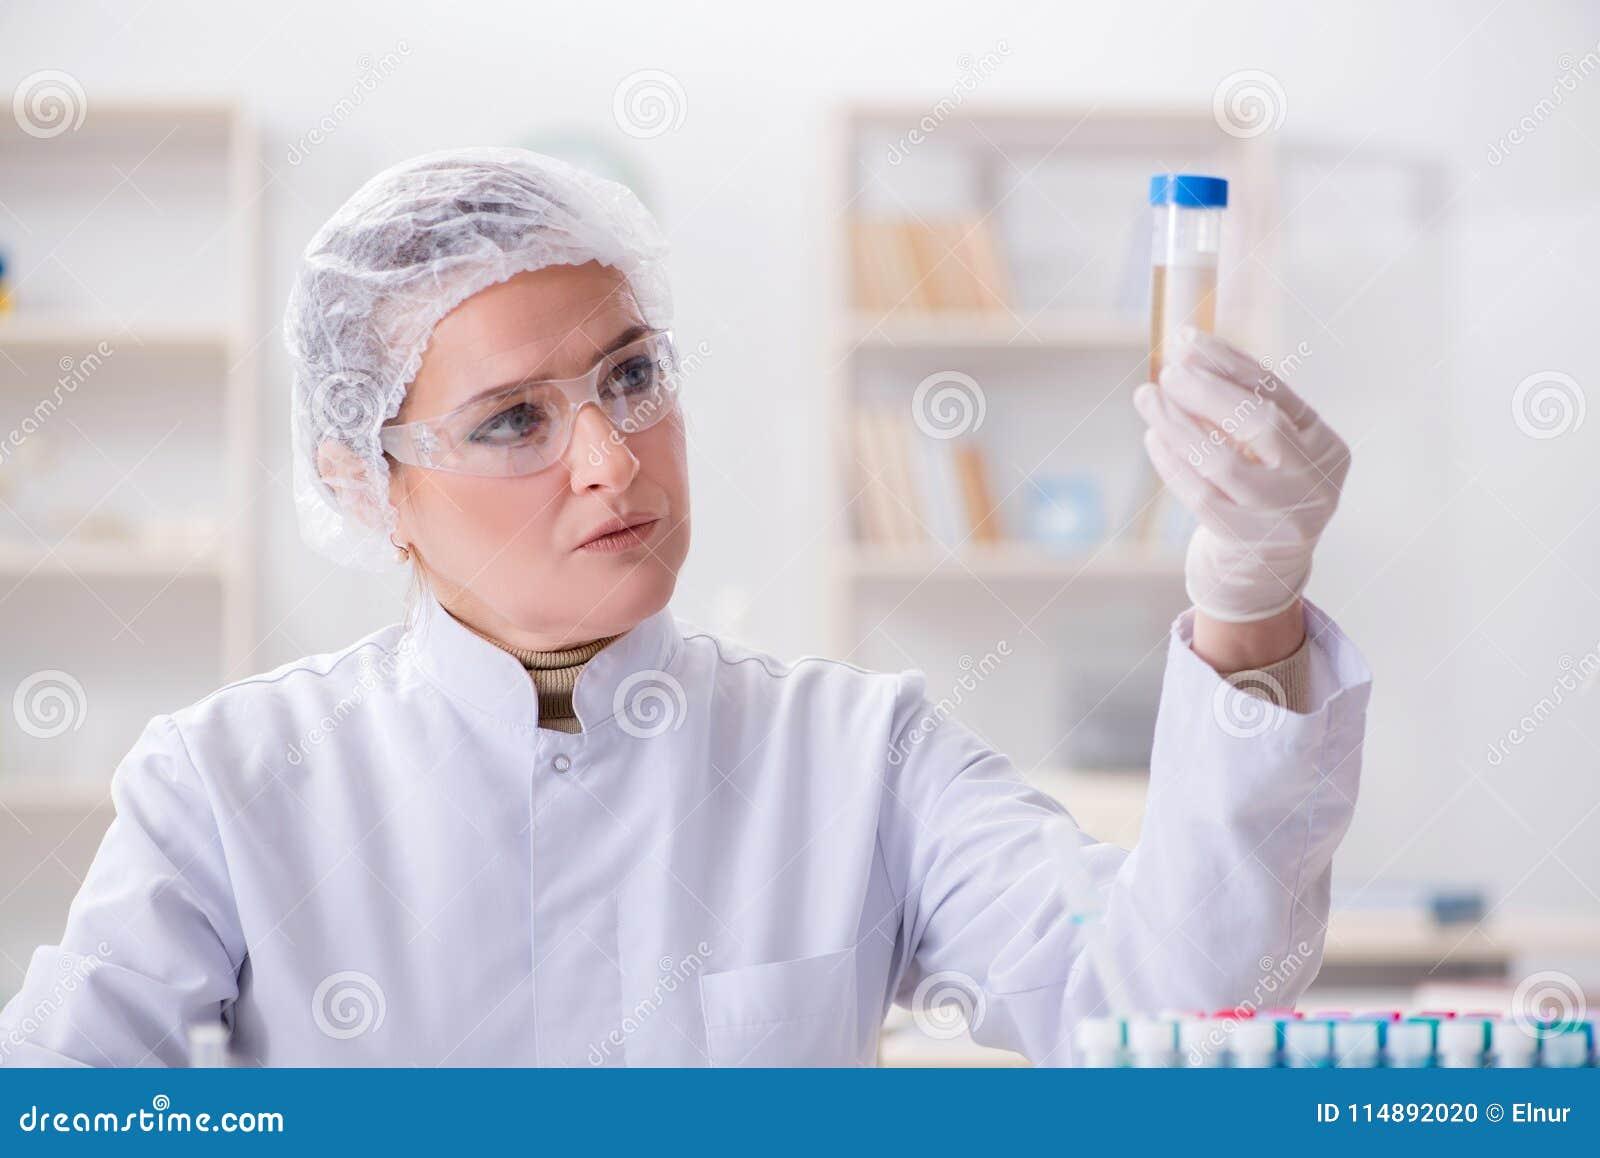 Doctor Tuber